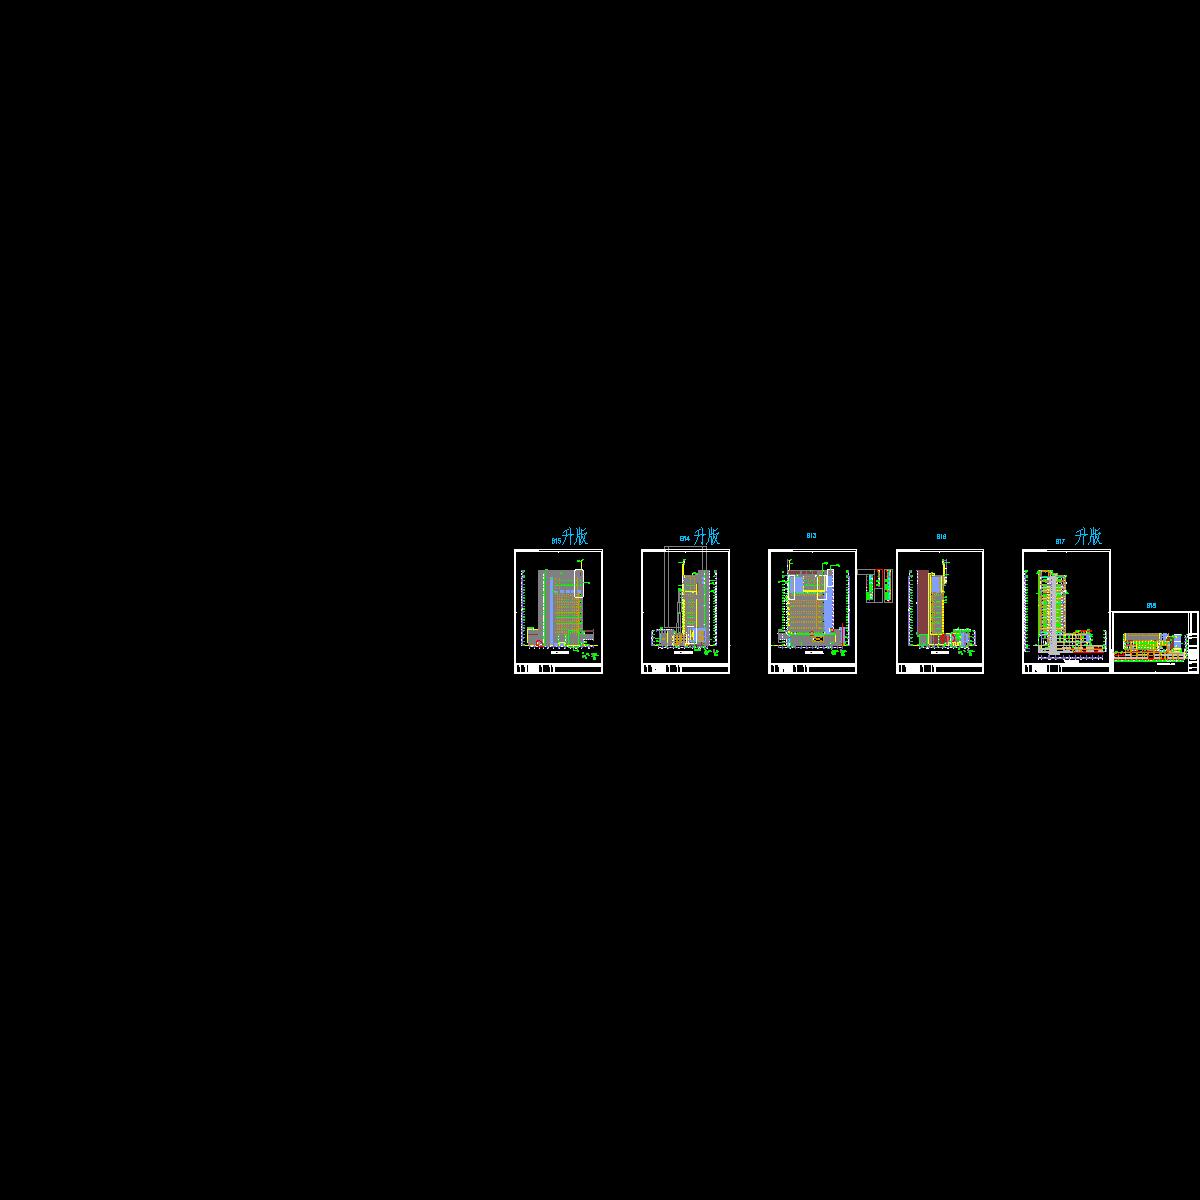 0806出图-国脉立面剖面_t3b13-b18.dwg